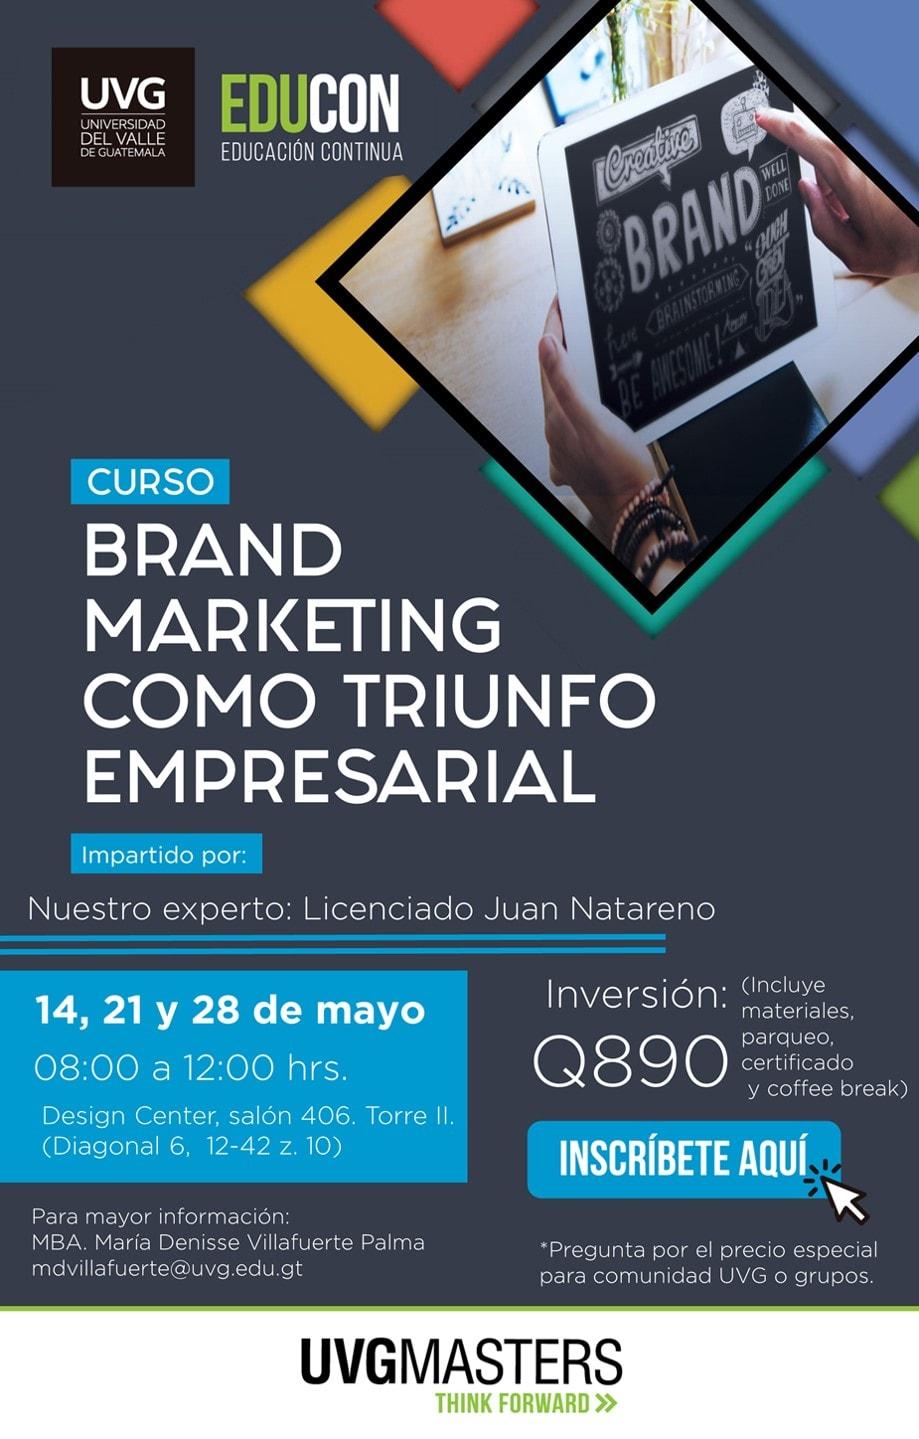 Brand Marketing como triunfo empresarial